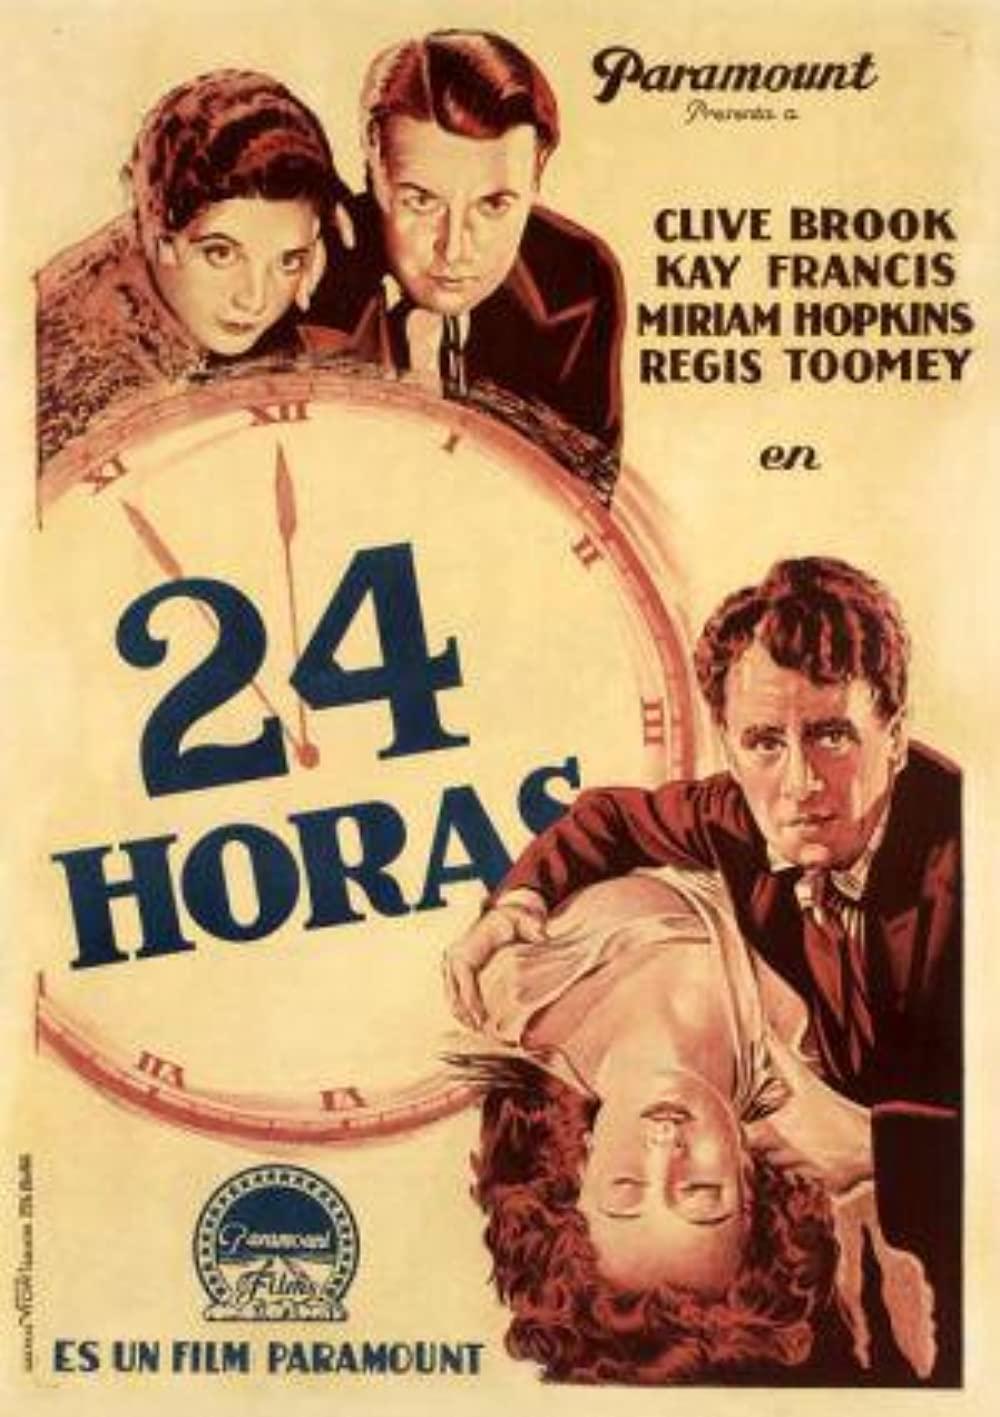 1931 24 Hours (novel) Poster